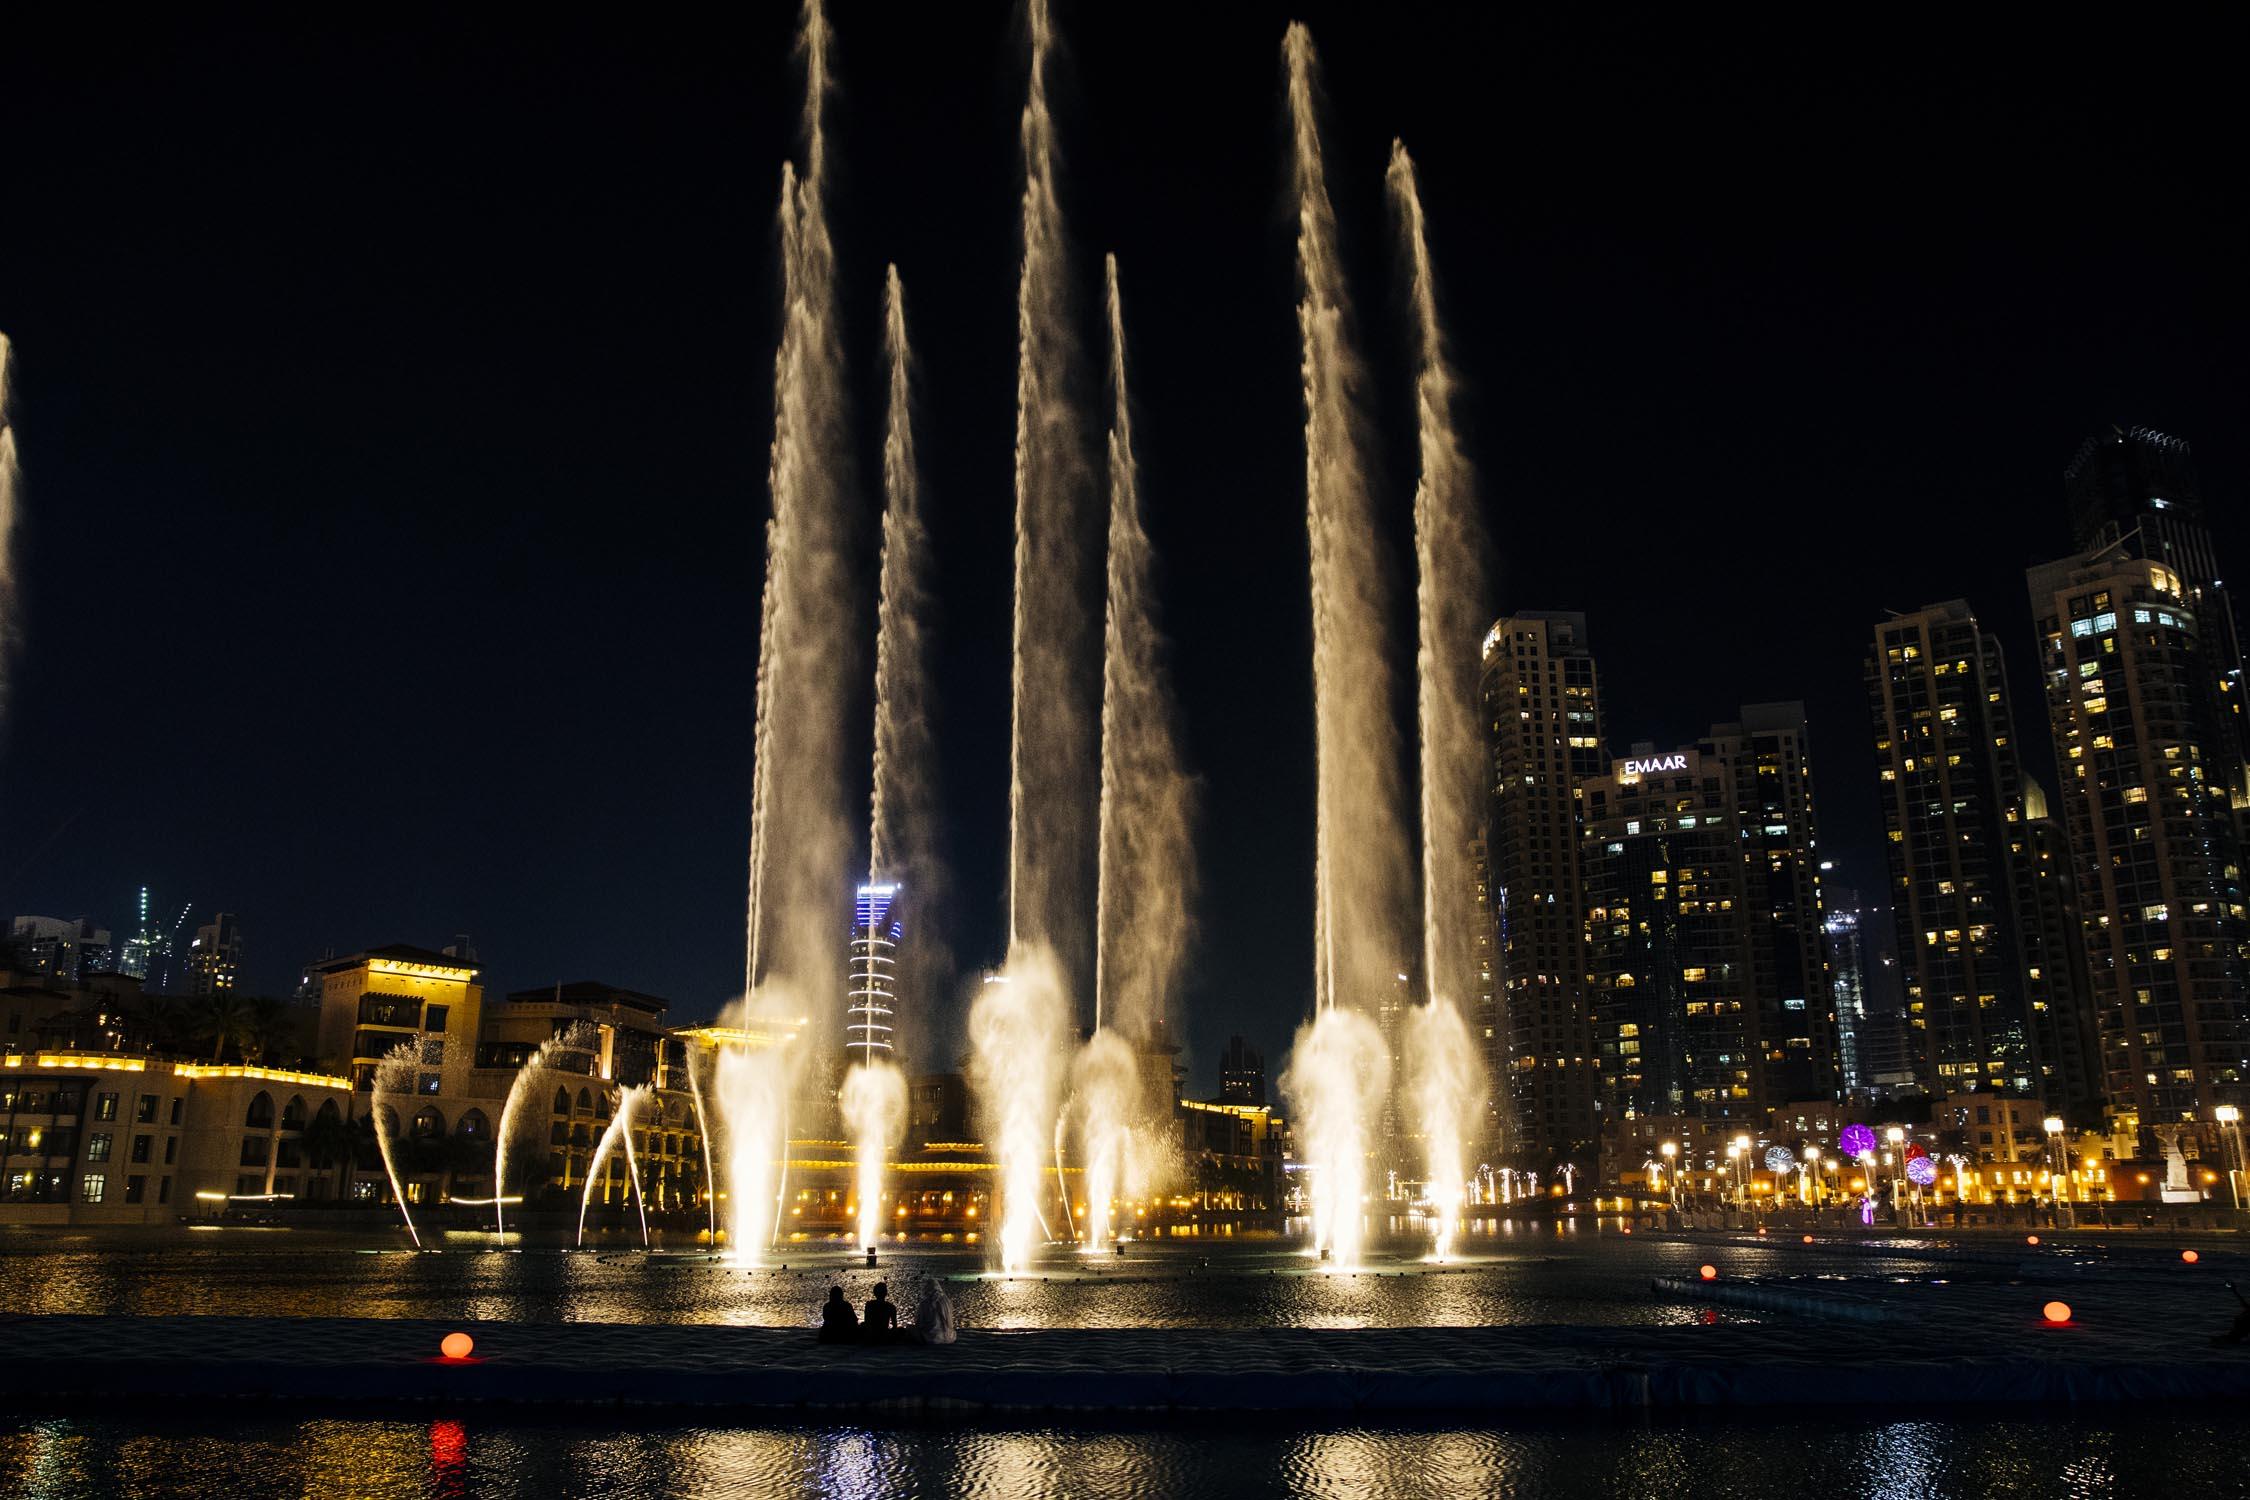 10_2018_12_05_UAE_0384.jpg